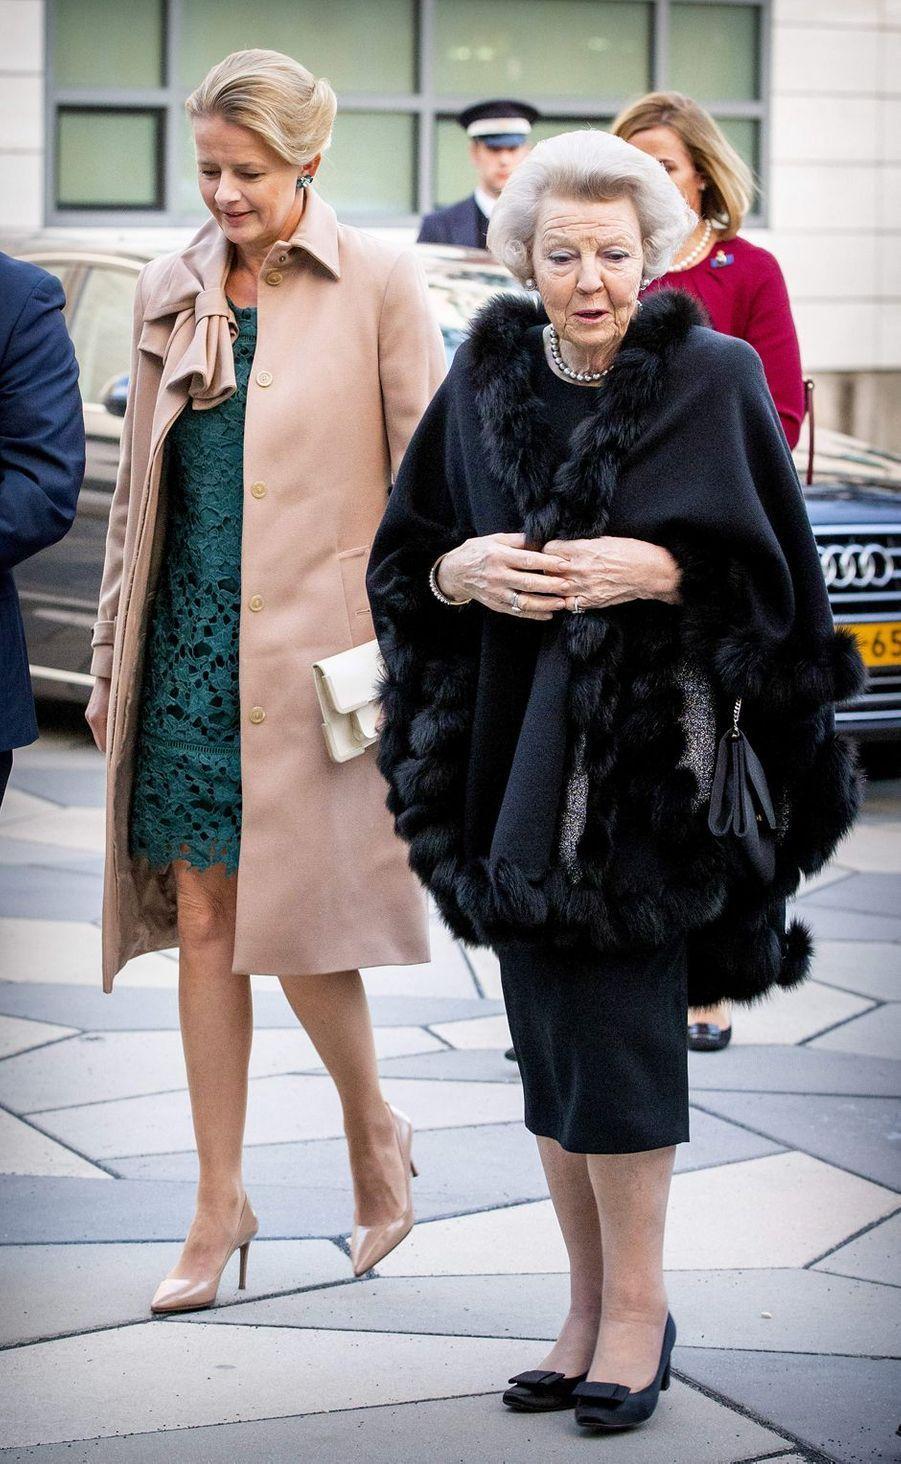 La princesse Mabel d'Oranje-Nassau et l'ex-reine Beatrix des Pays-Bas à Veldhoven, le 18 mars 2019